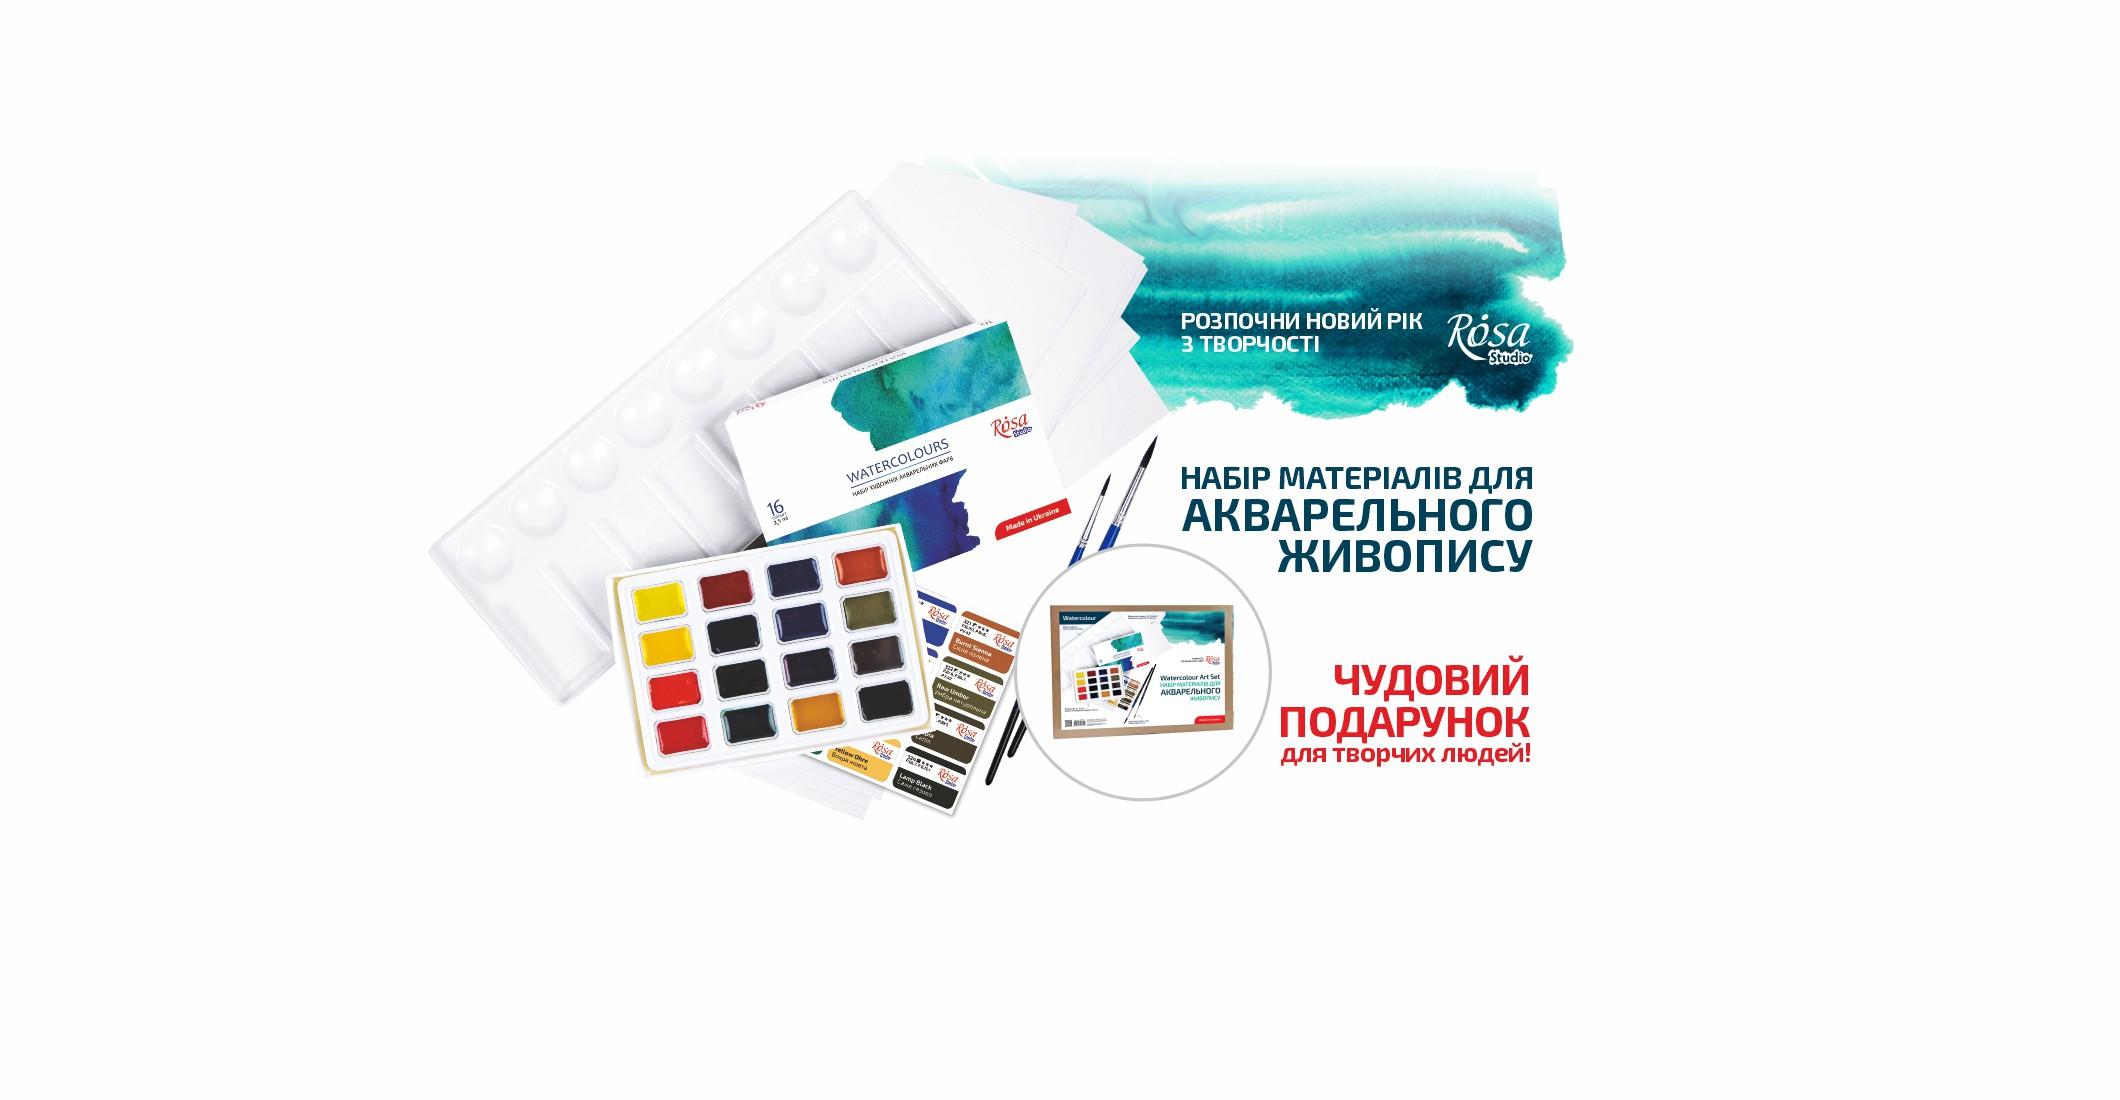 Набір матеріалів для акварельного живопису ROSA Studio